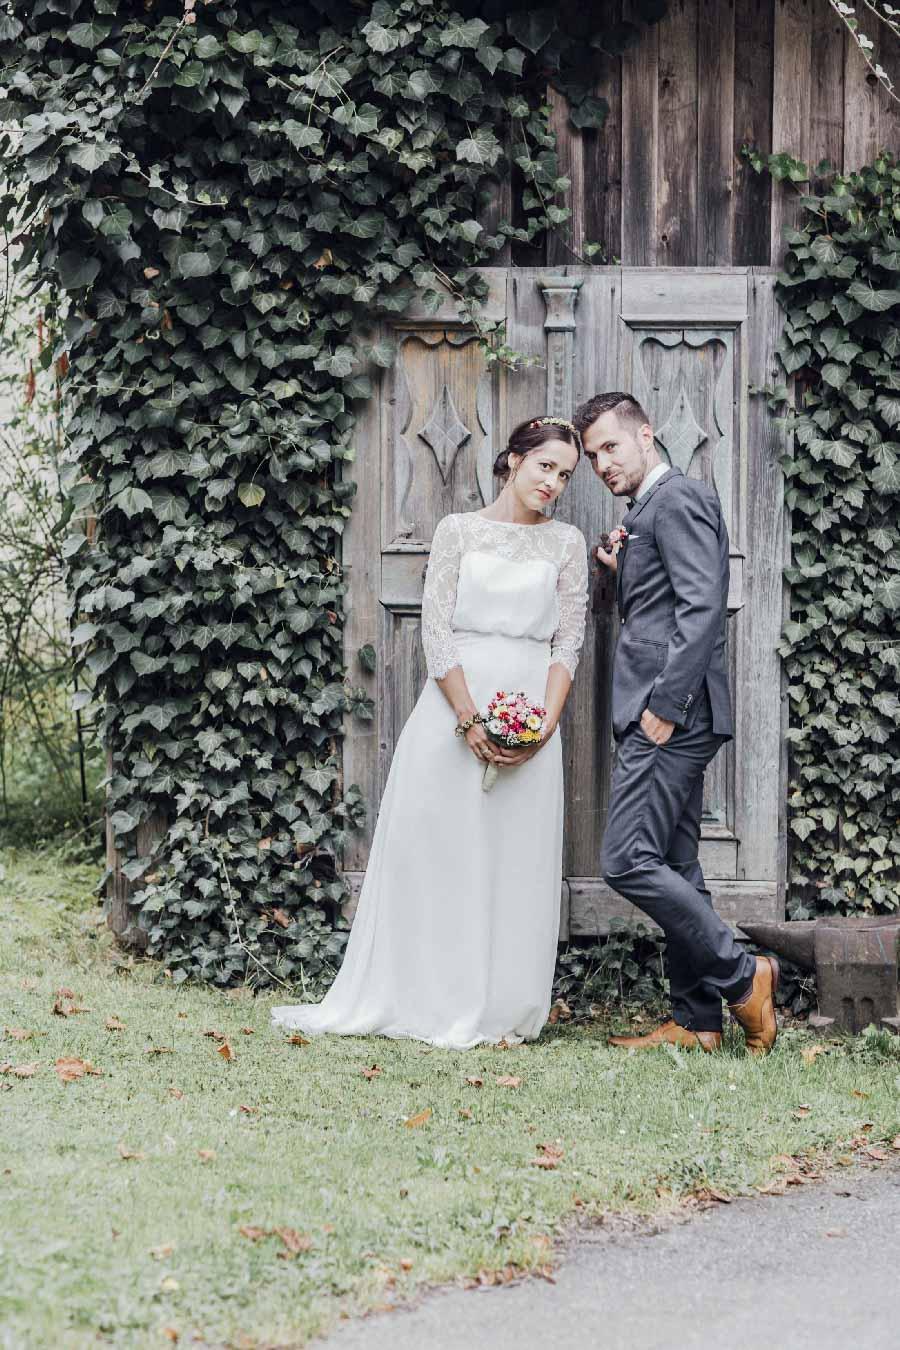 Lockere Hochzeit im Boho-Stil mitten in der Natur der Oberpfalz bei Cham